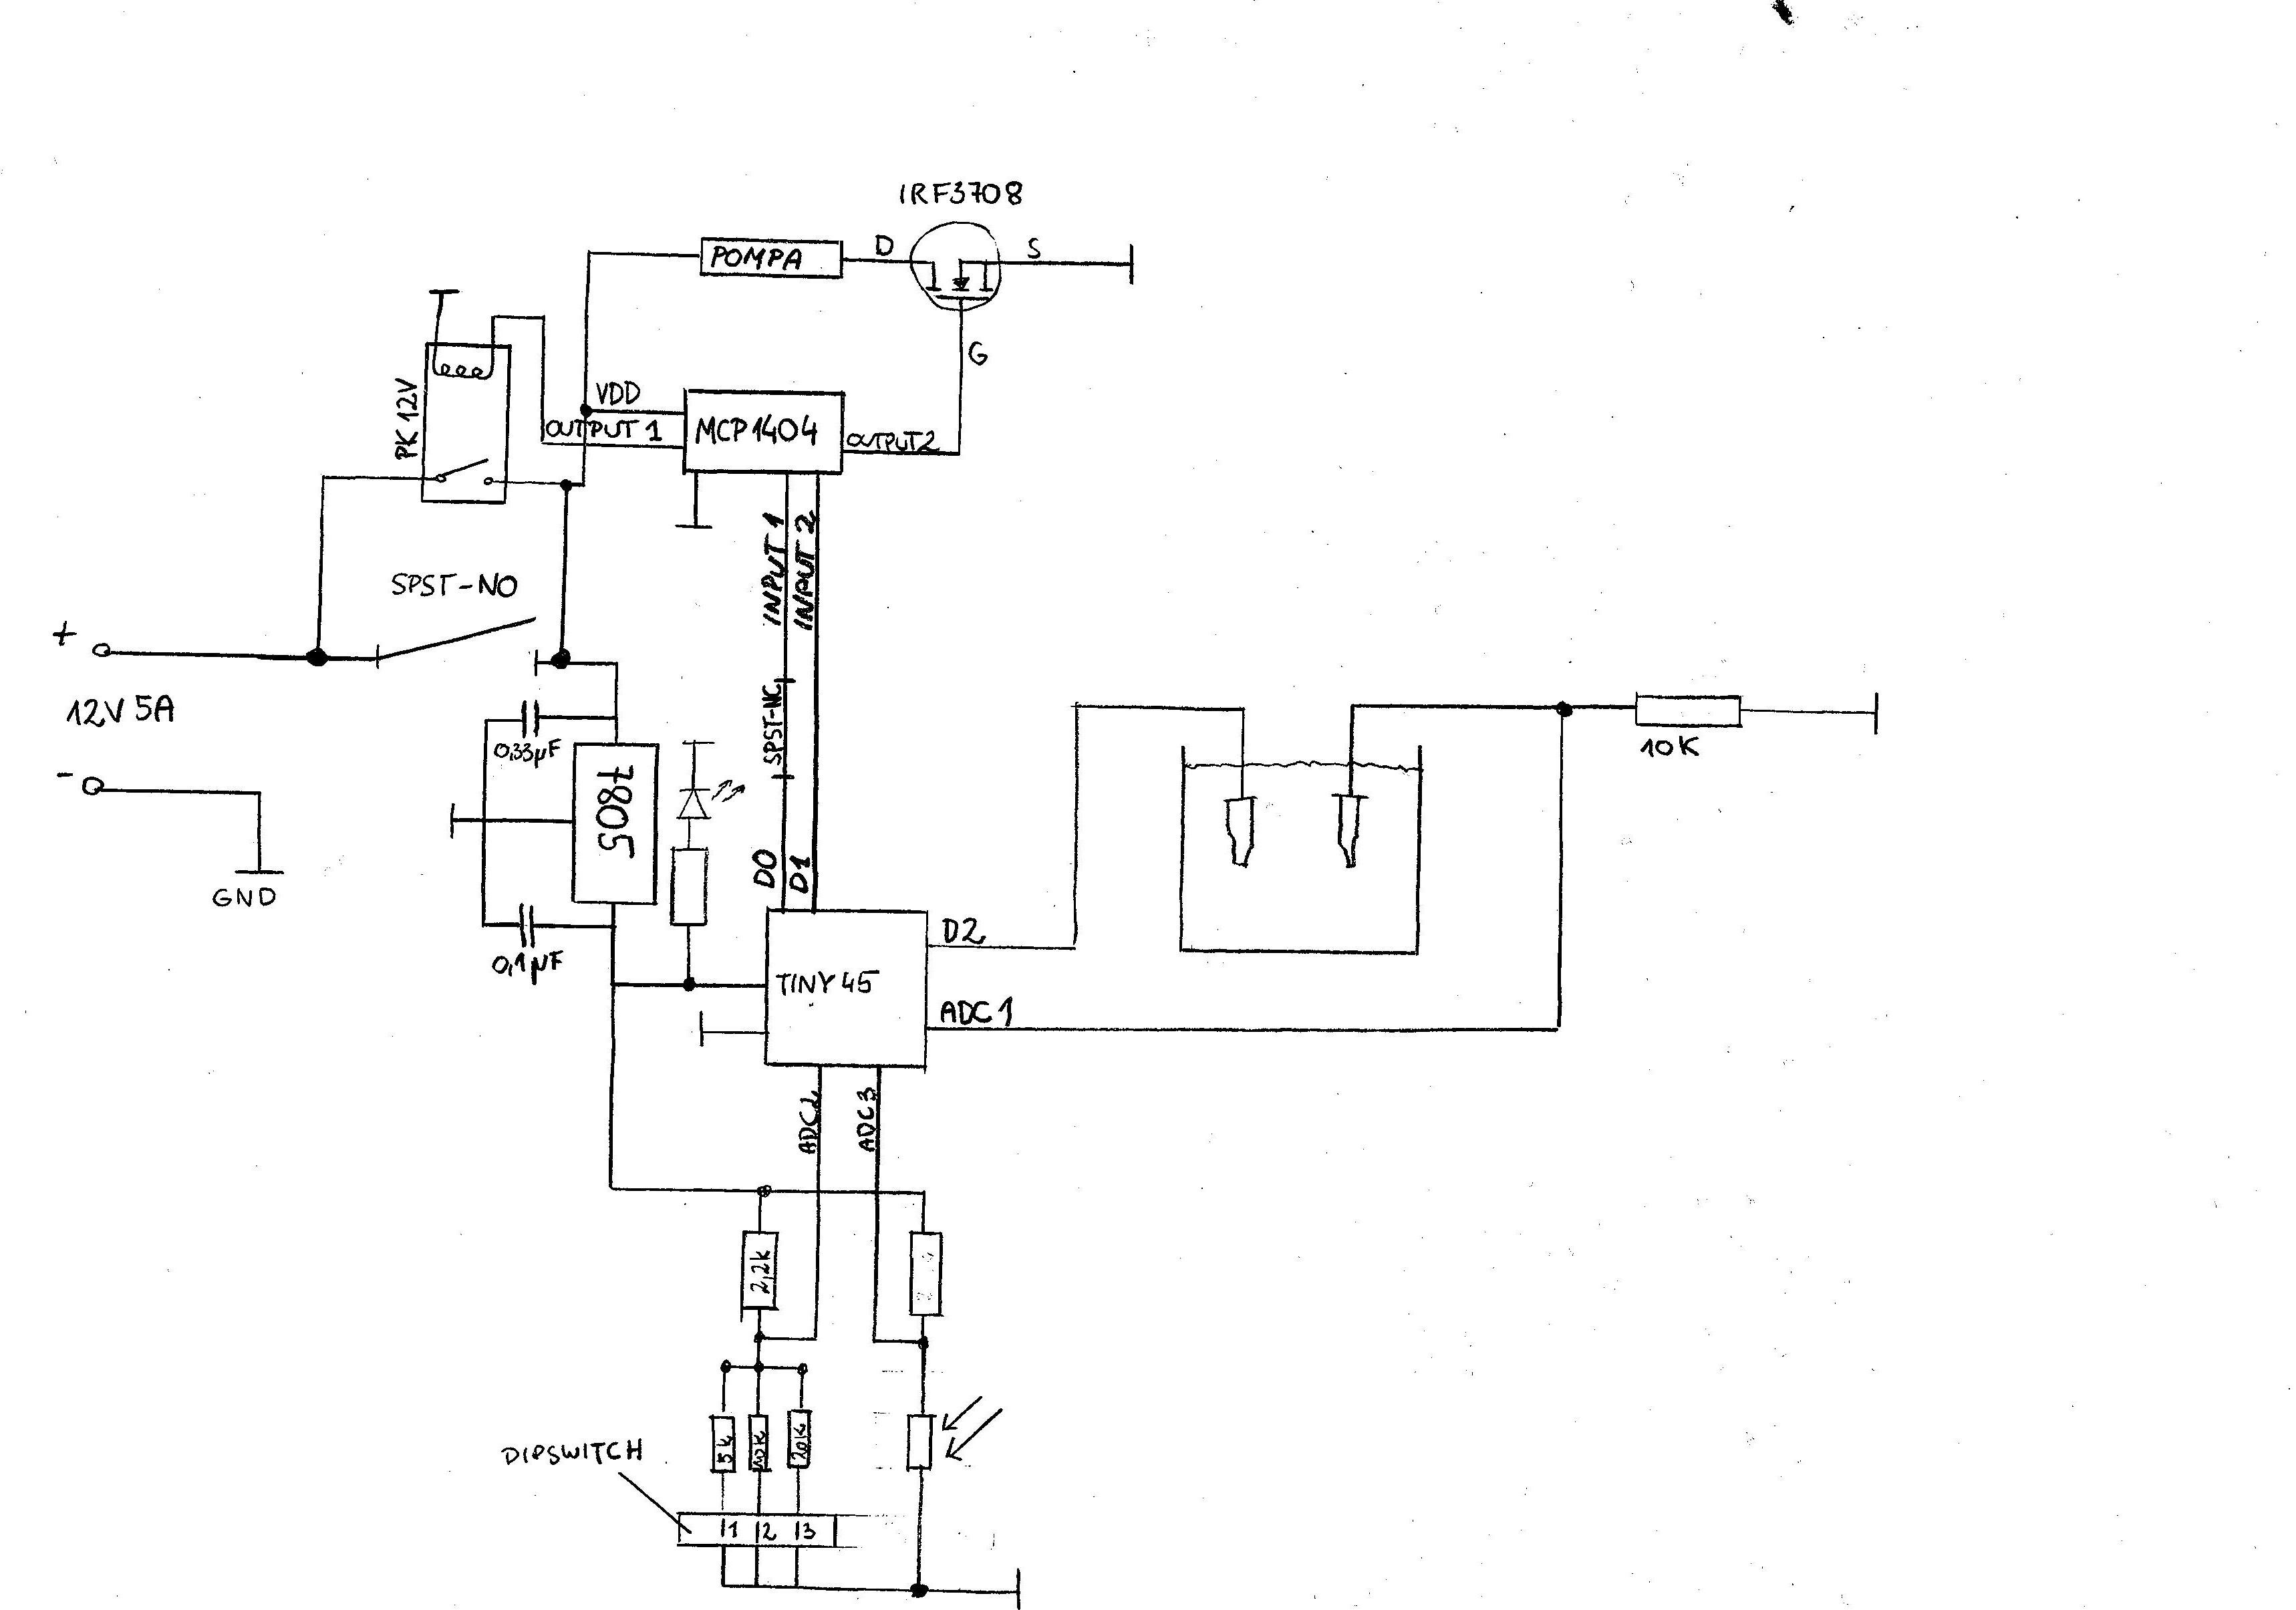 ATTINY45 - Sprawdzenie poprawno�ci uk�adu - automatyczne podlewanie